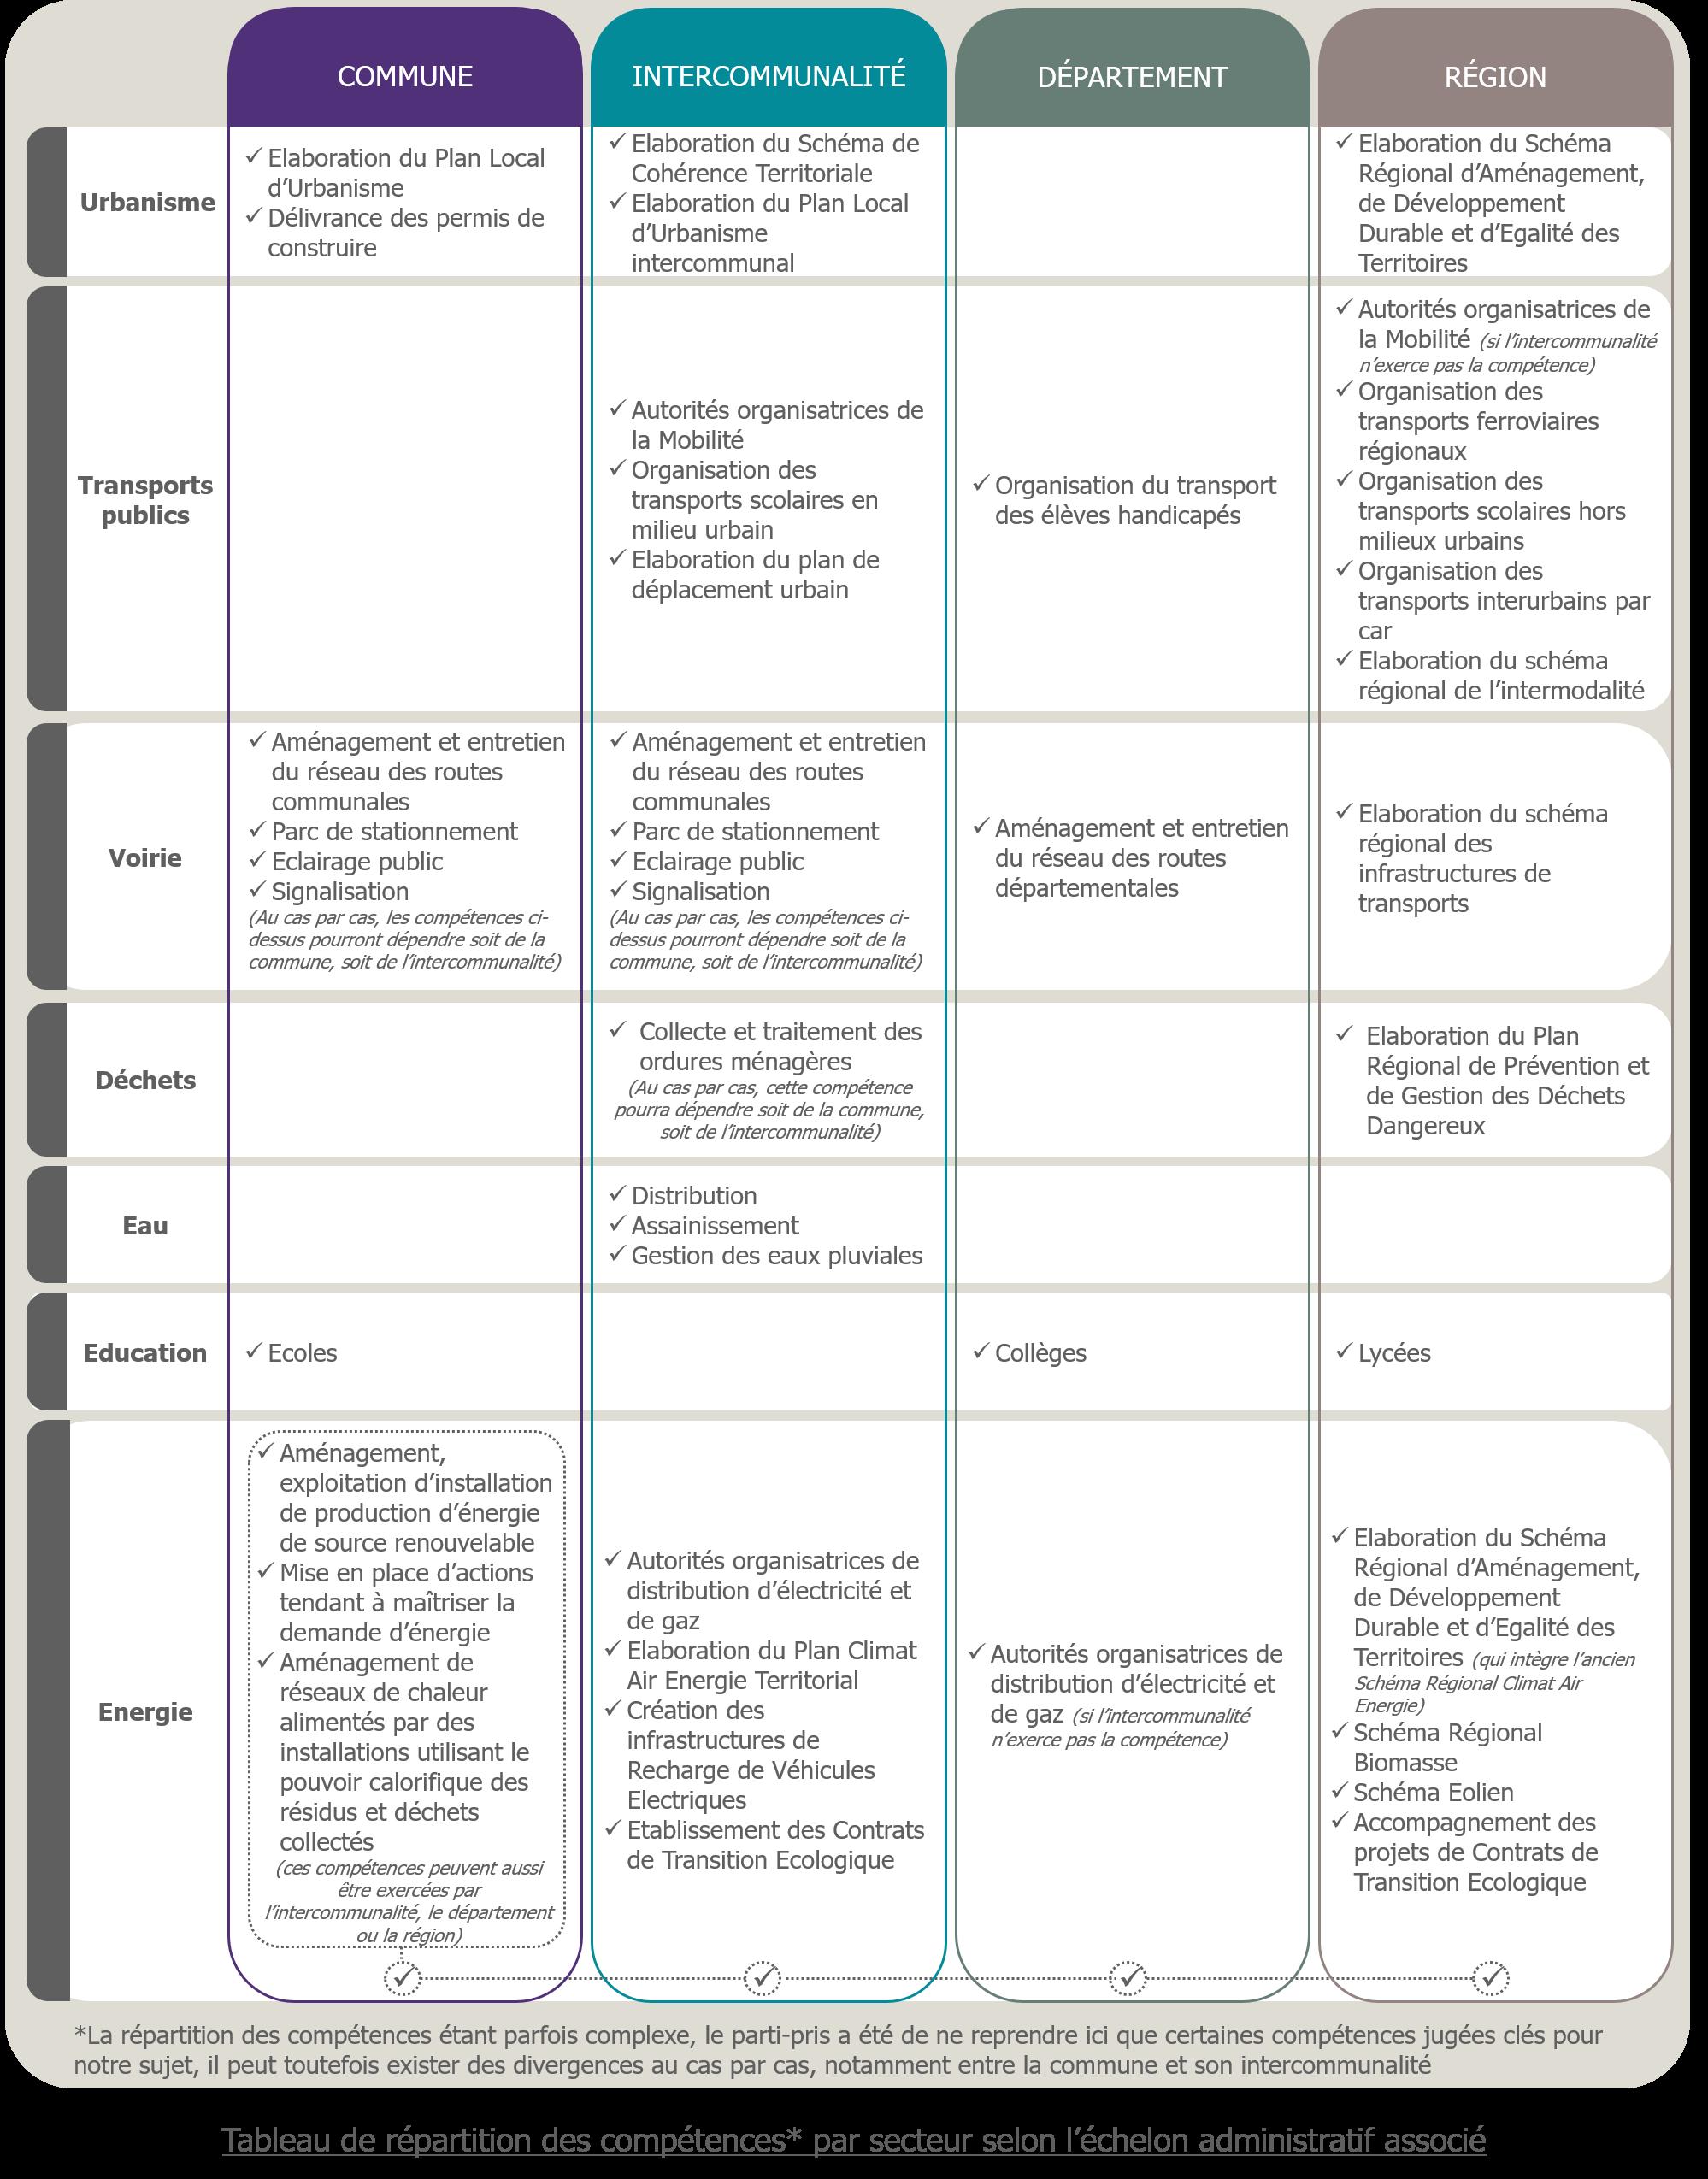 Tableau de répartition des compétences par secteur selon l'échelon administratif associé - V5